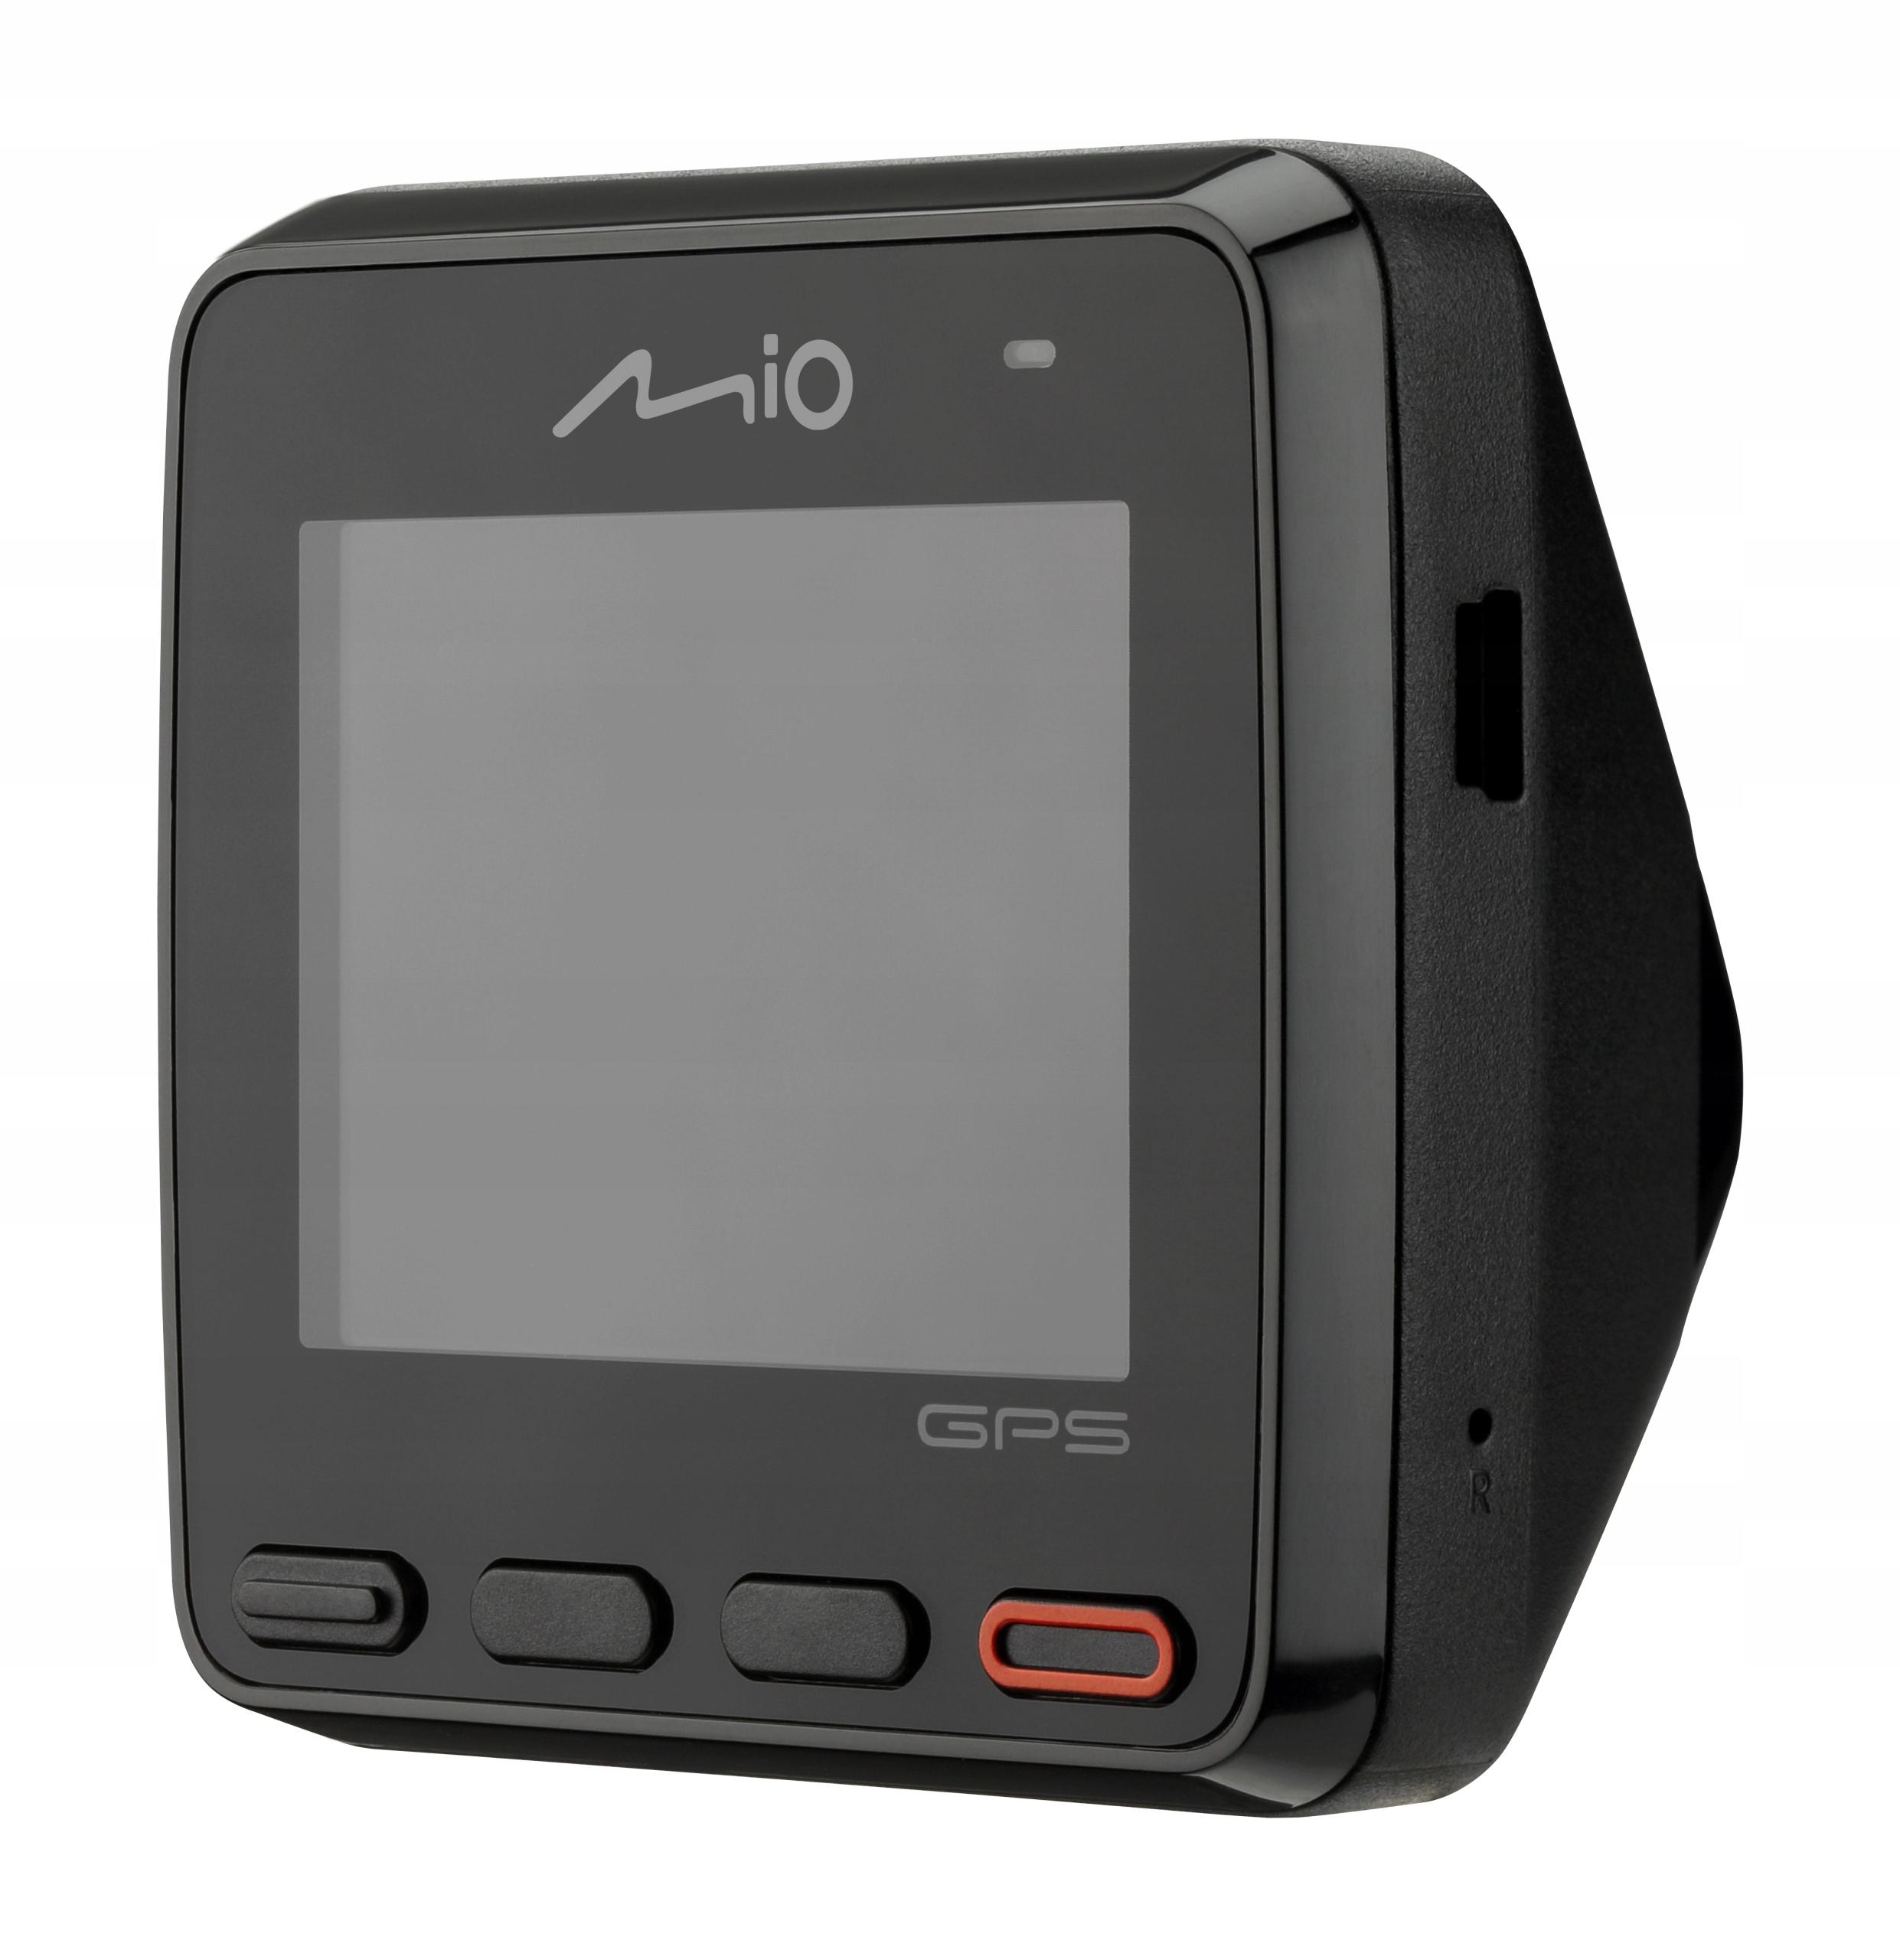 MIO MIVUE C430 REJESTRATOR GPS BAZA FOTORADARÓW Model MiVue C430